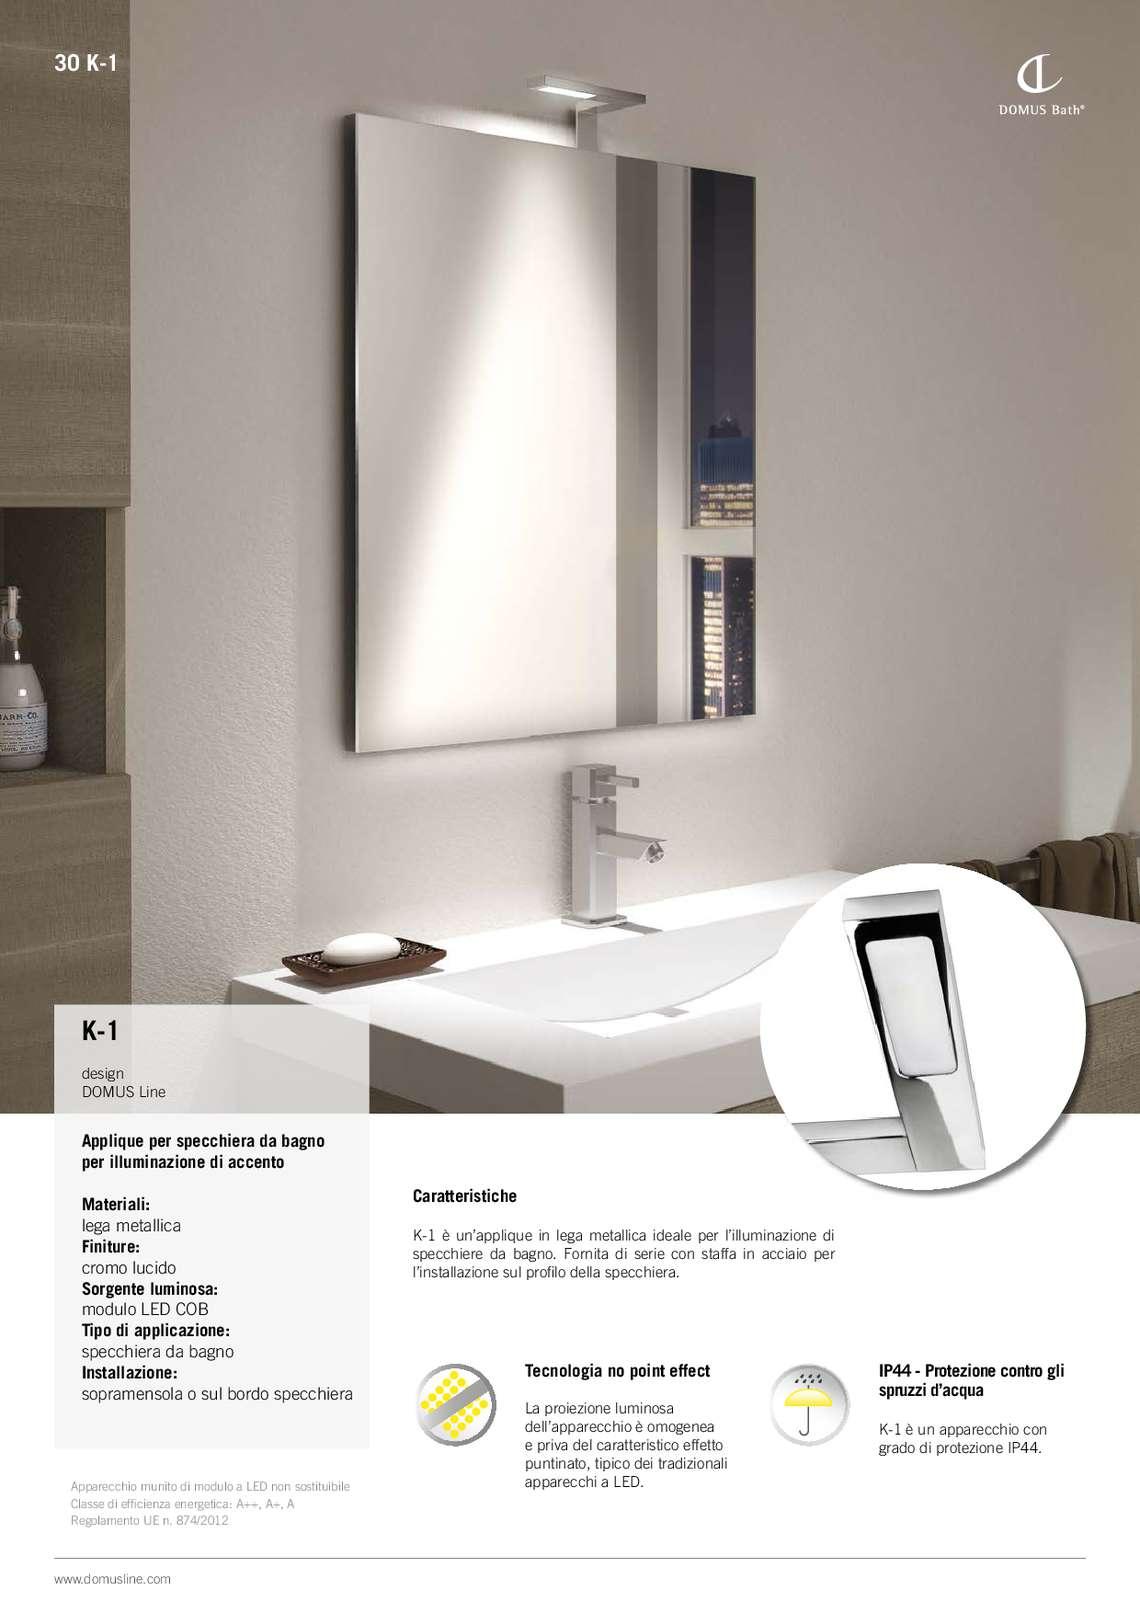 domus-line-bath_24_030.jpg